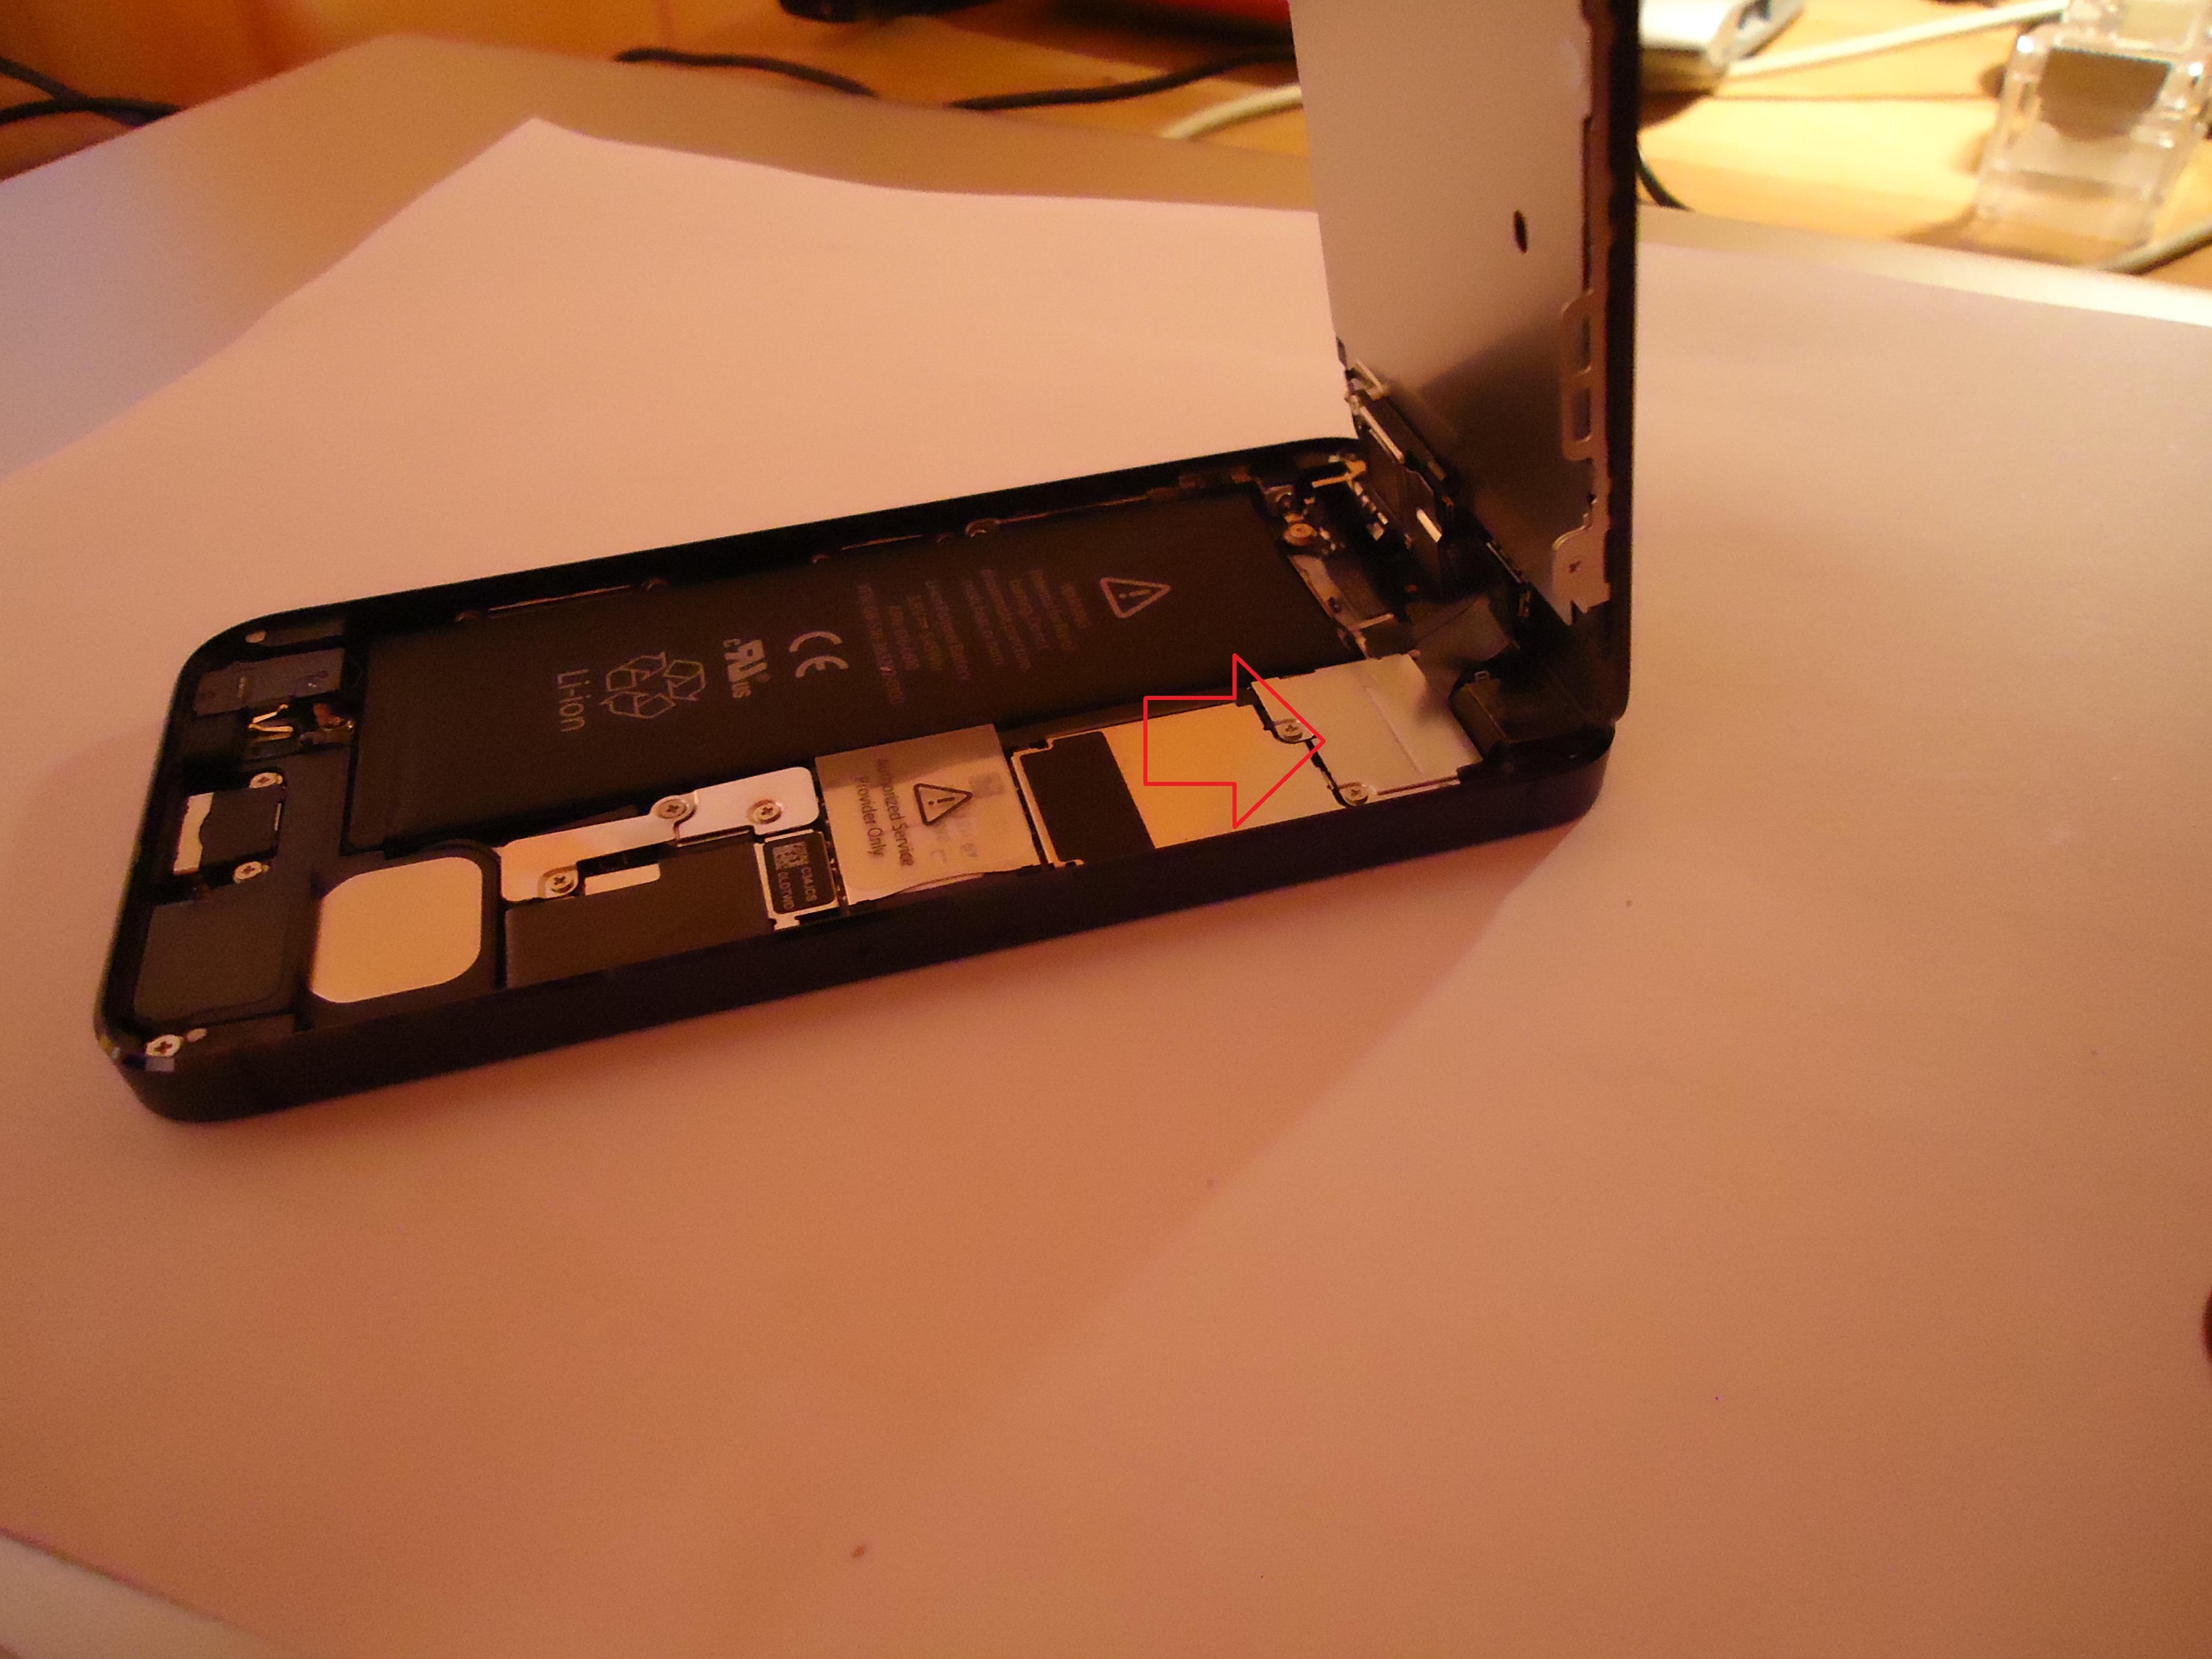 iphone 5s öffnen werkzeug